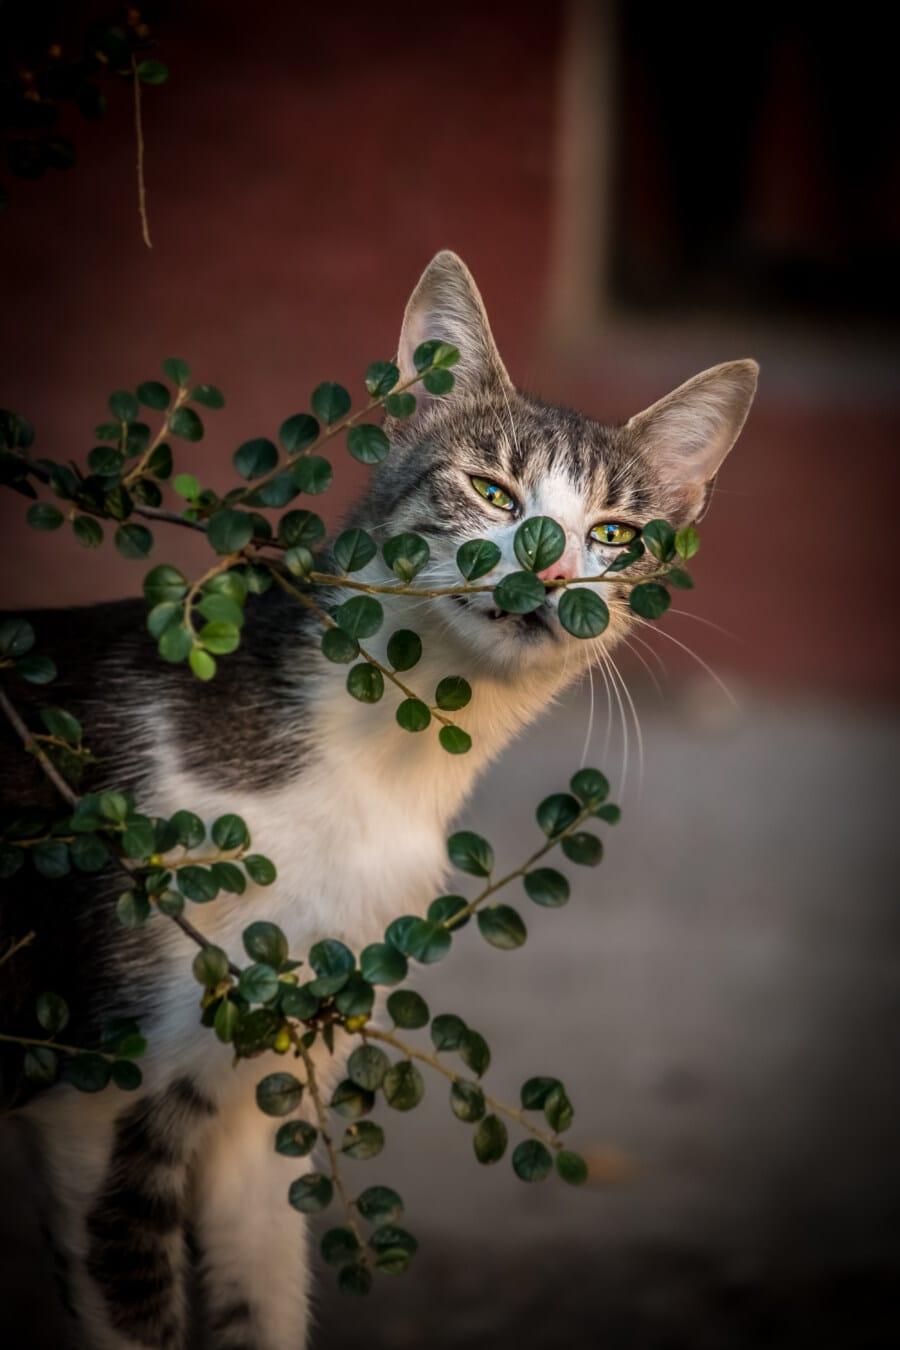 adorable, jeune, ludique, chat domestique, brindille, buissons, minou, animal, moustaches, mignon